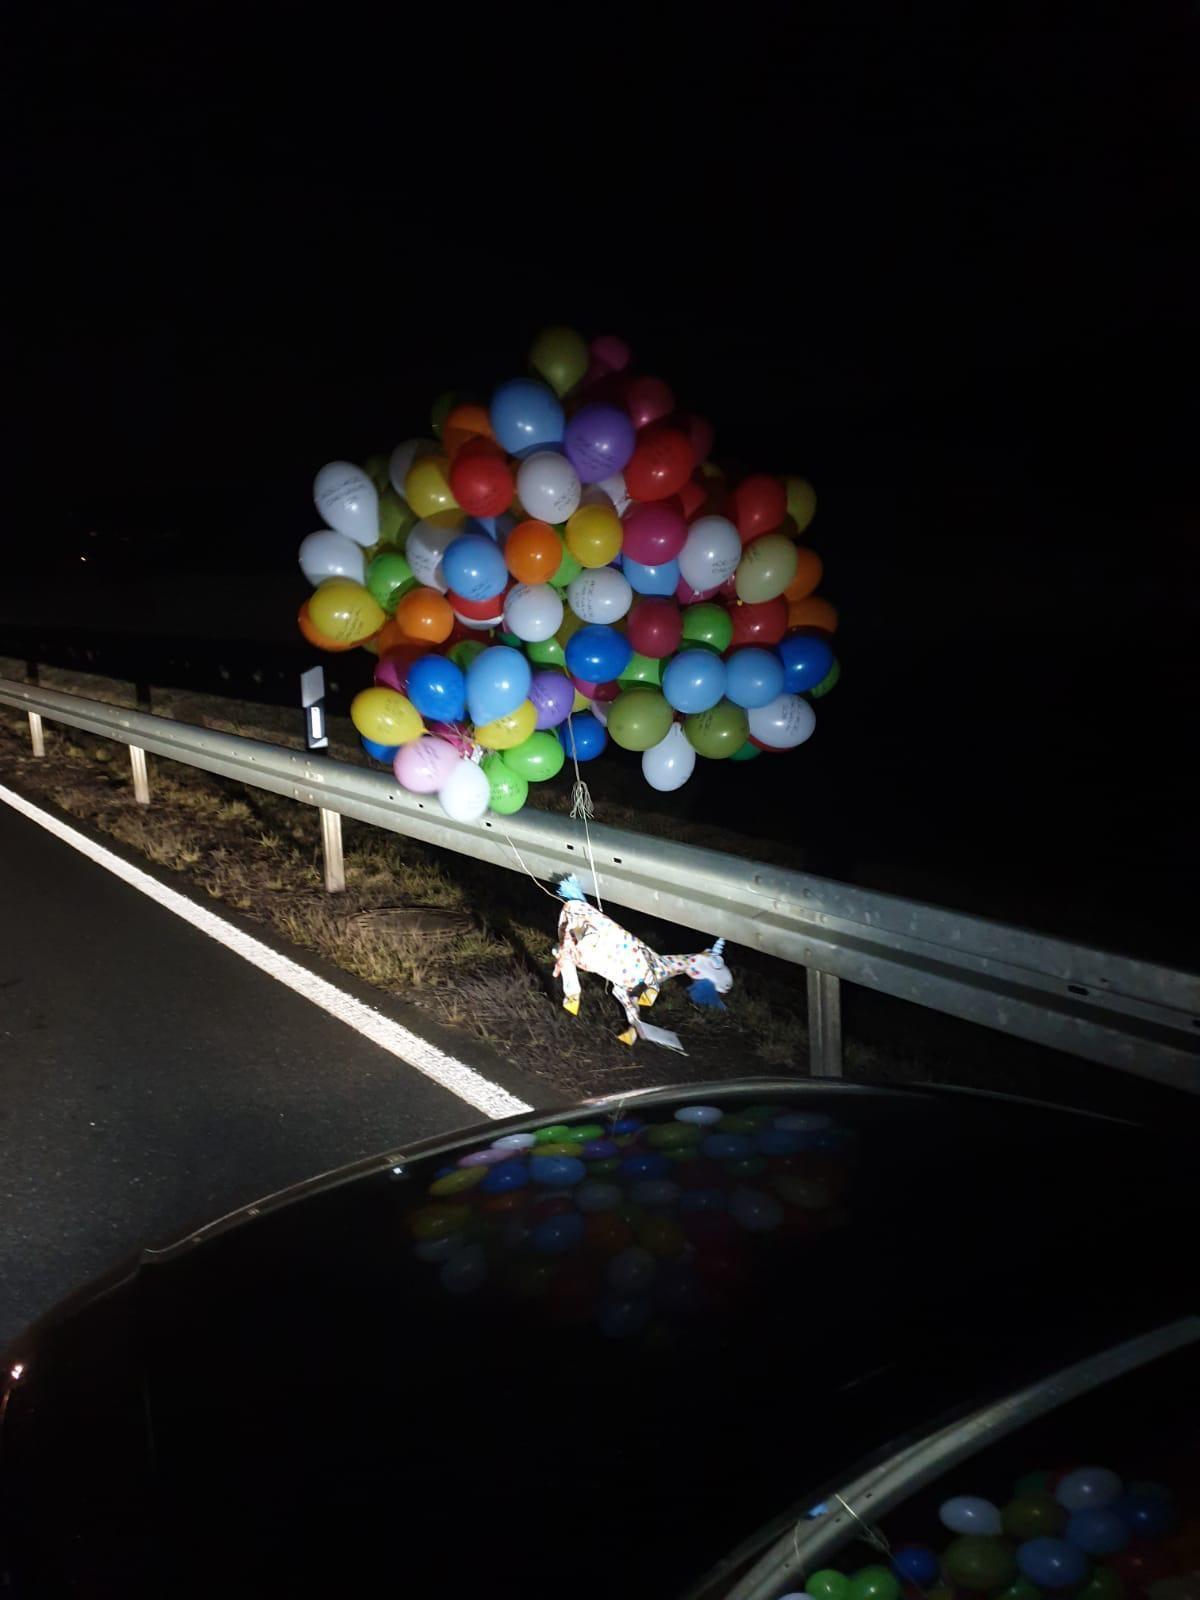 HOEJ-geit Schinveld landde afgelopen maart op rijdende auto - L1 Radio en TV